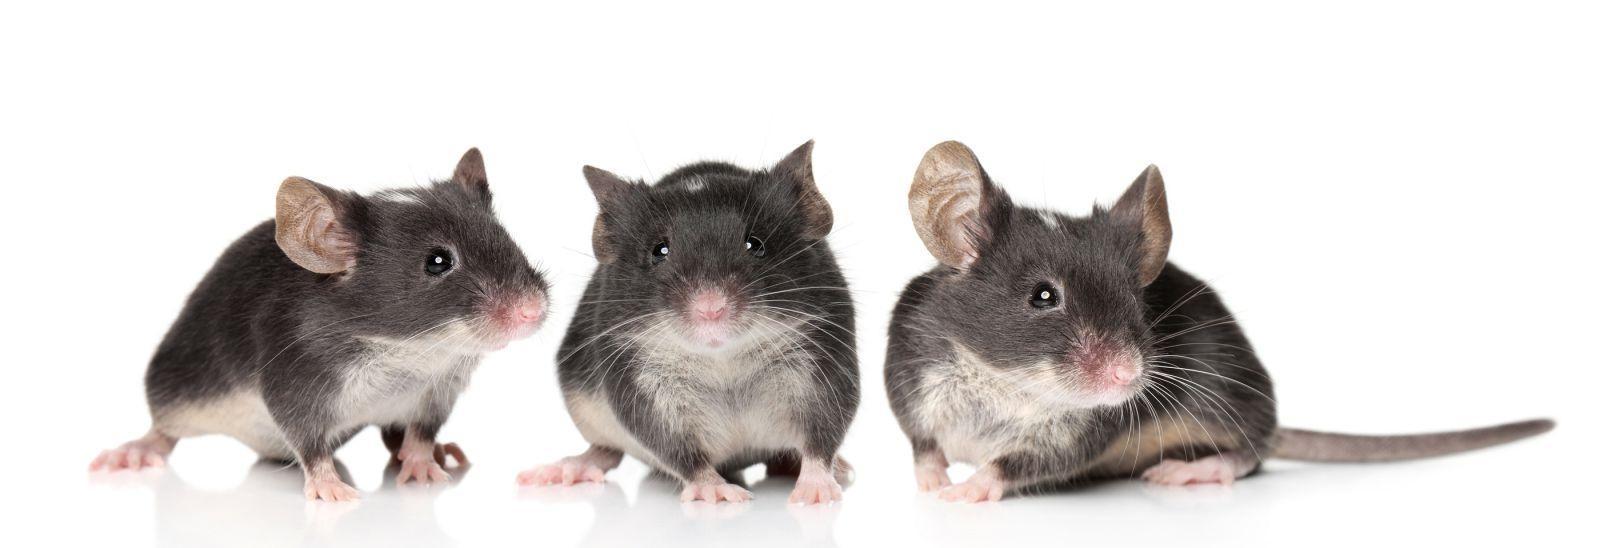 Короткий курс иммуносупрессанта продлил жизнь мышей